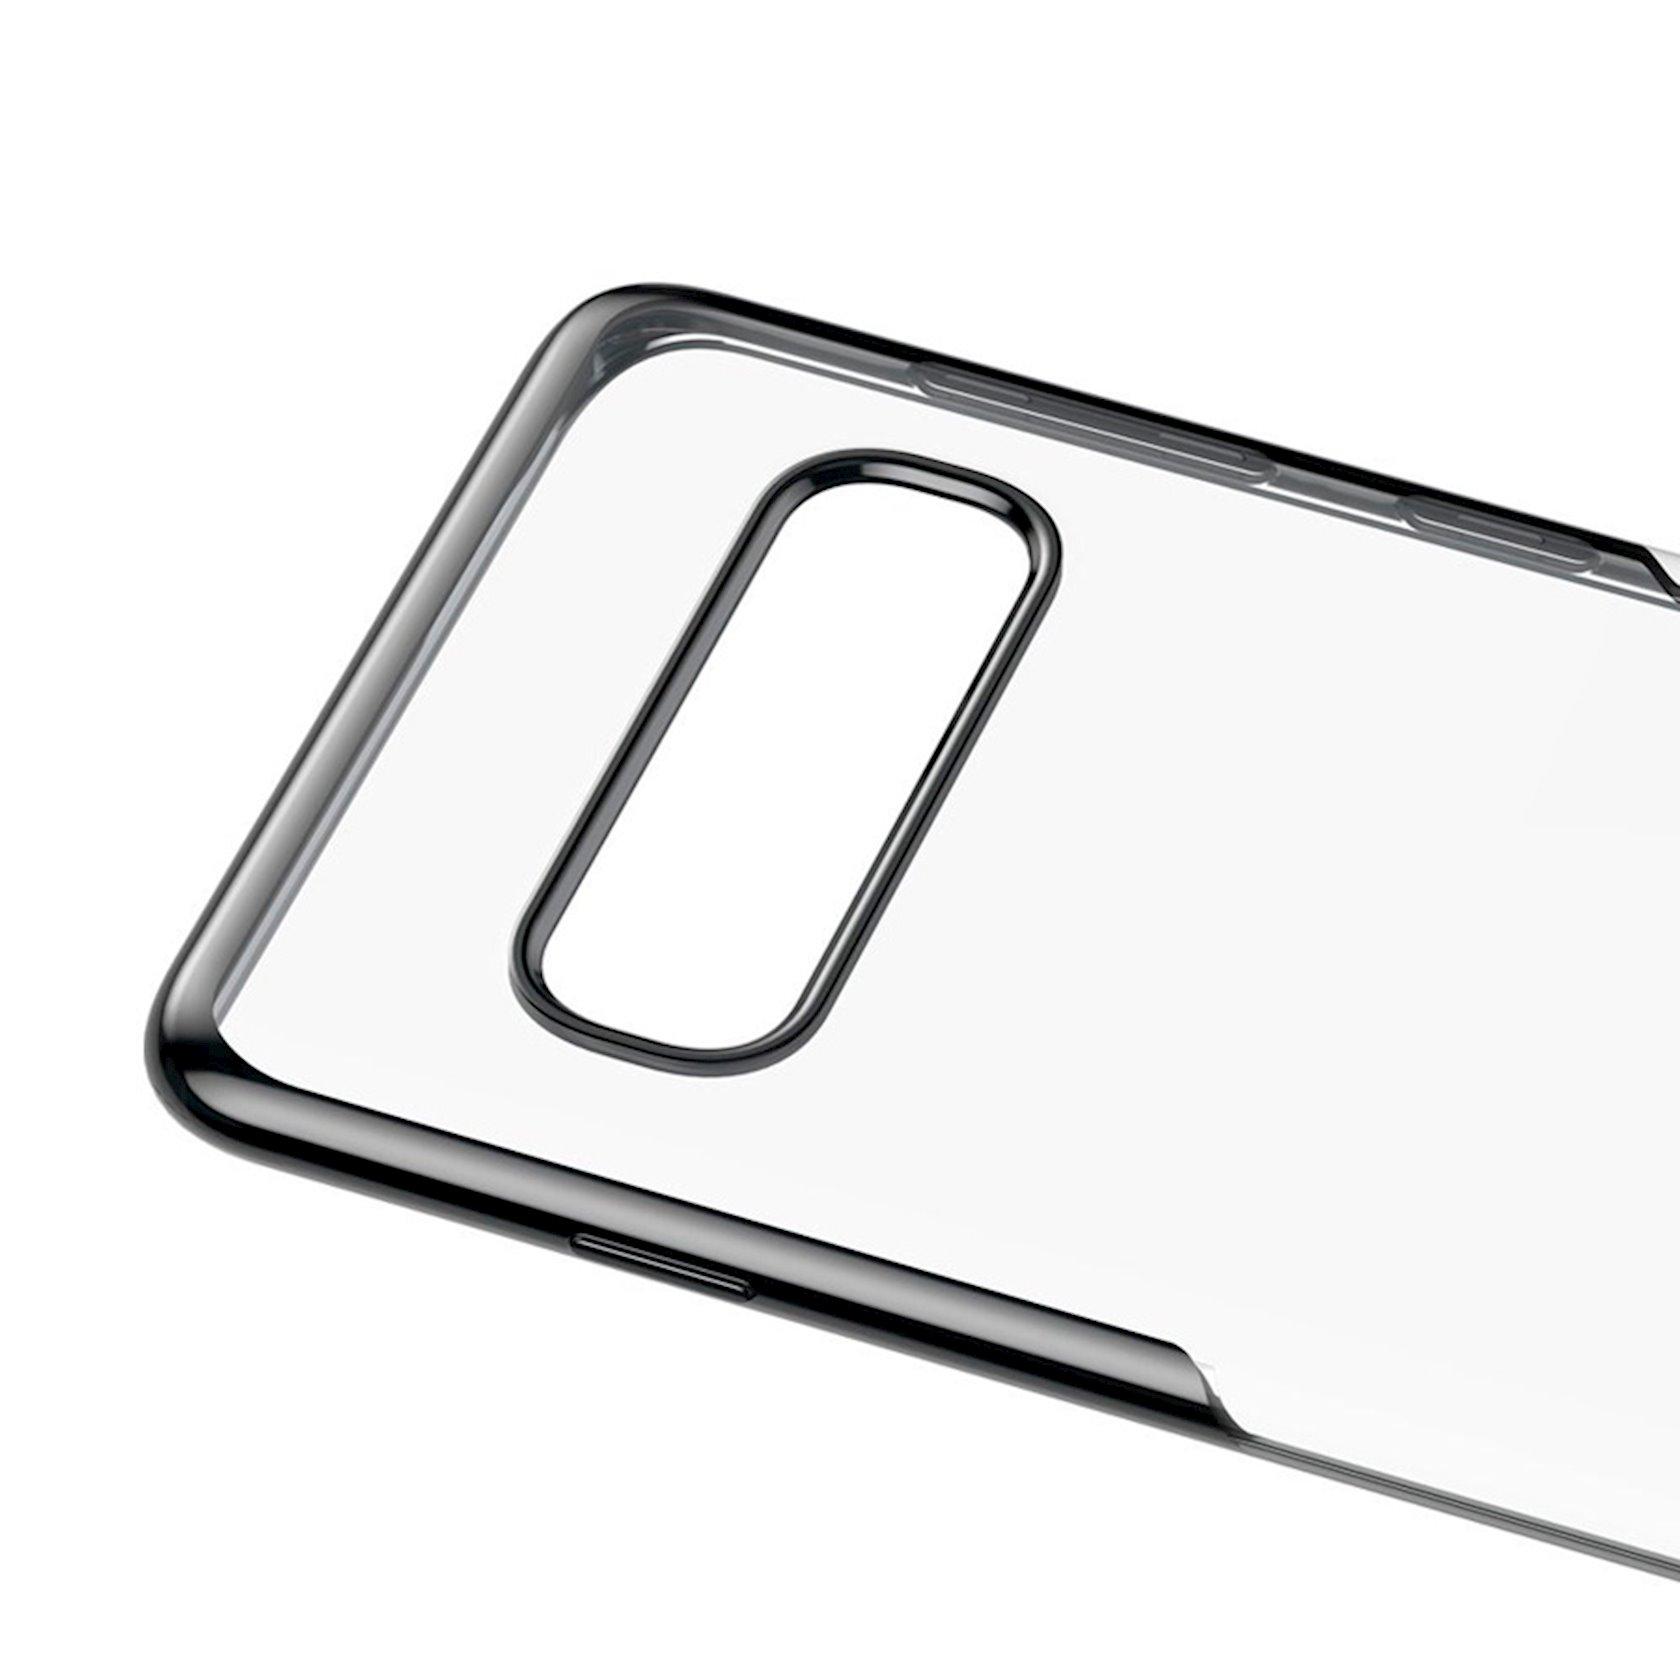 Çexol-altlıq Baseus Shining Samsung S10 Plus